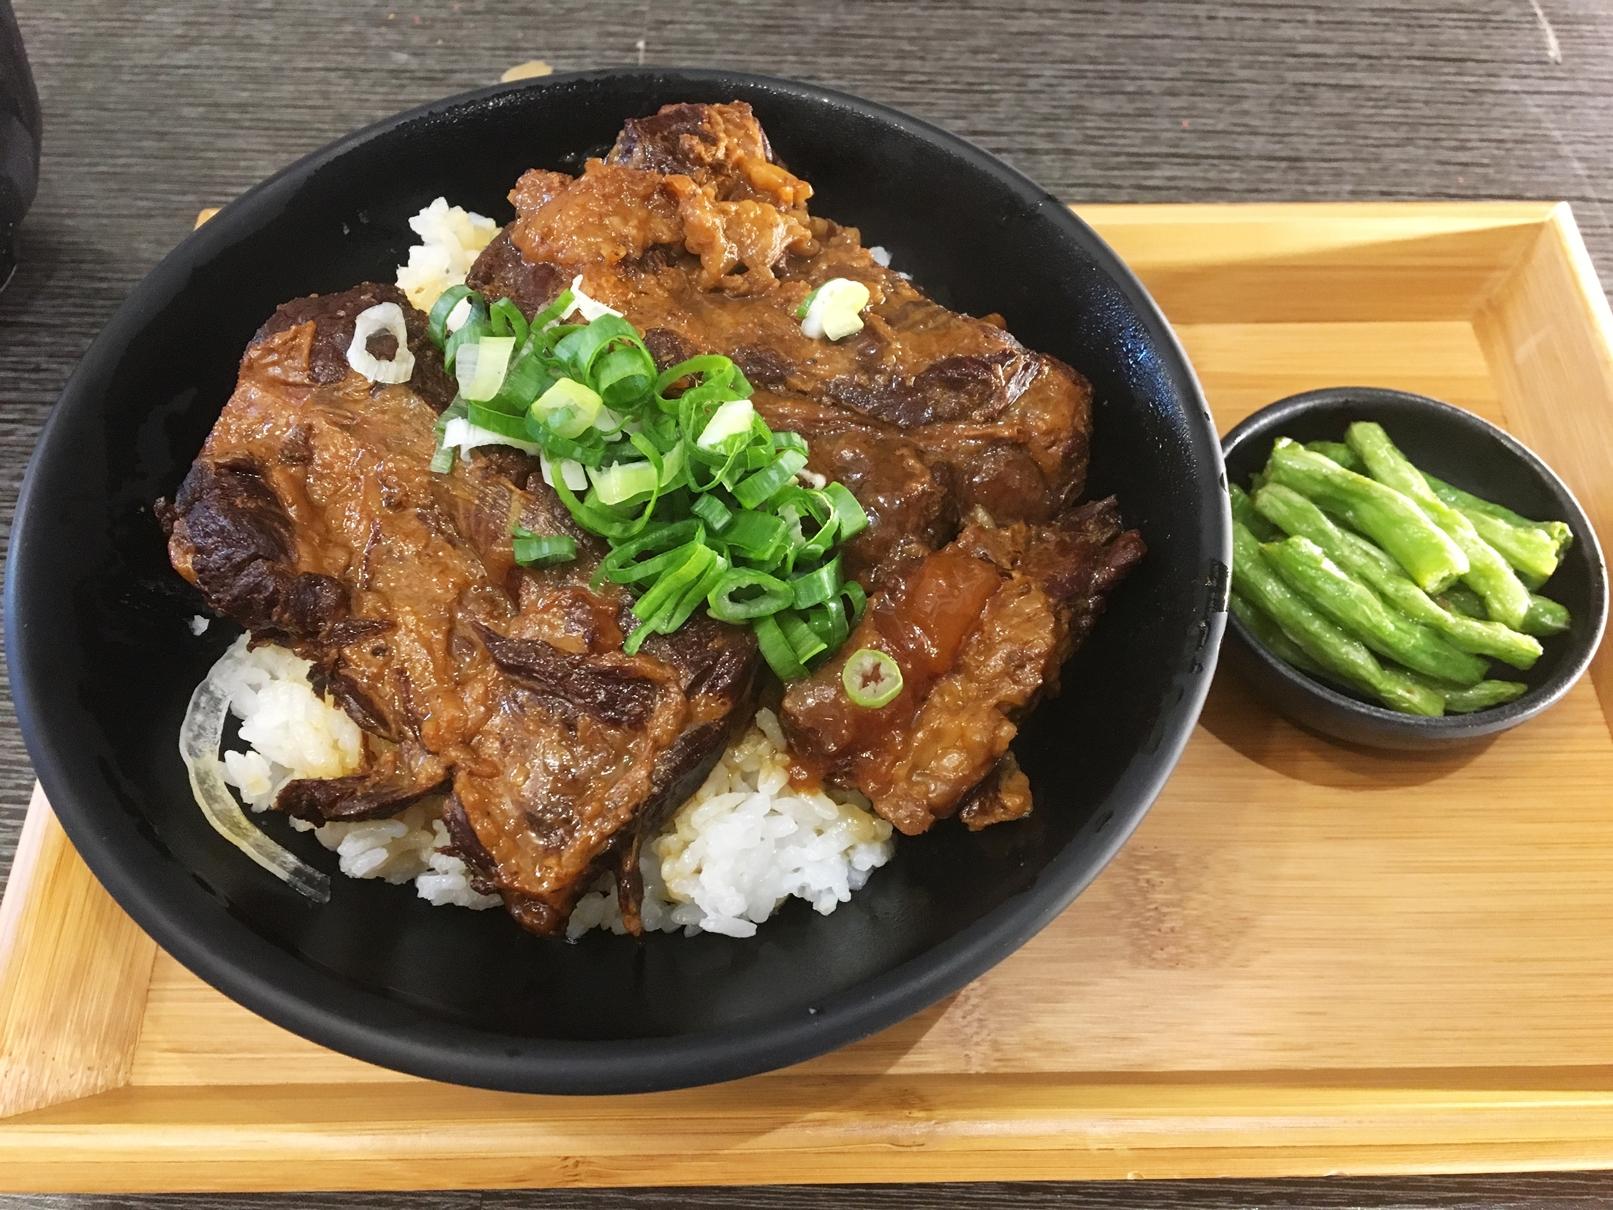 肉控必吃!成大勝後轉角的「肉肉控」丼飯-台南丼飯